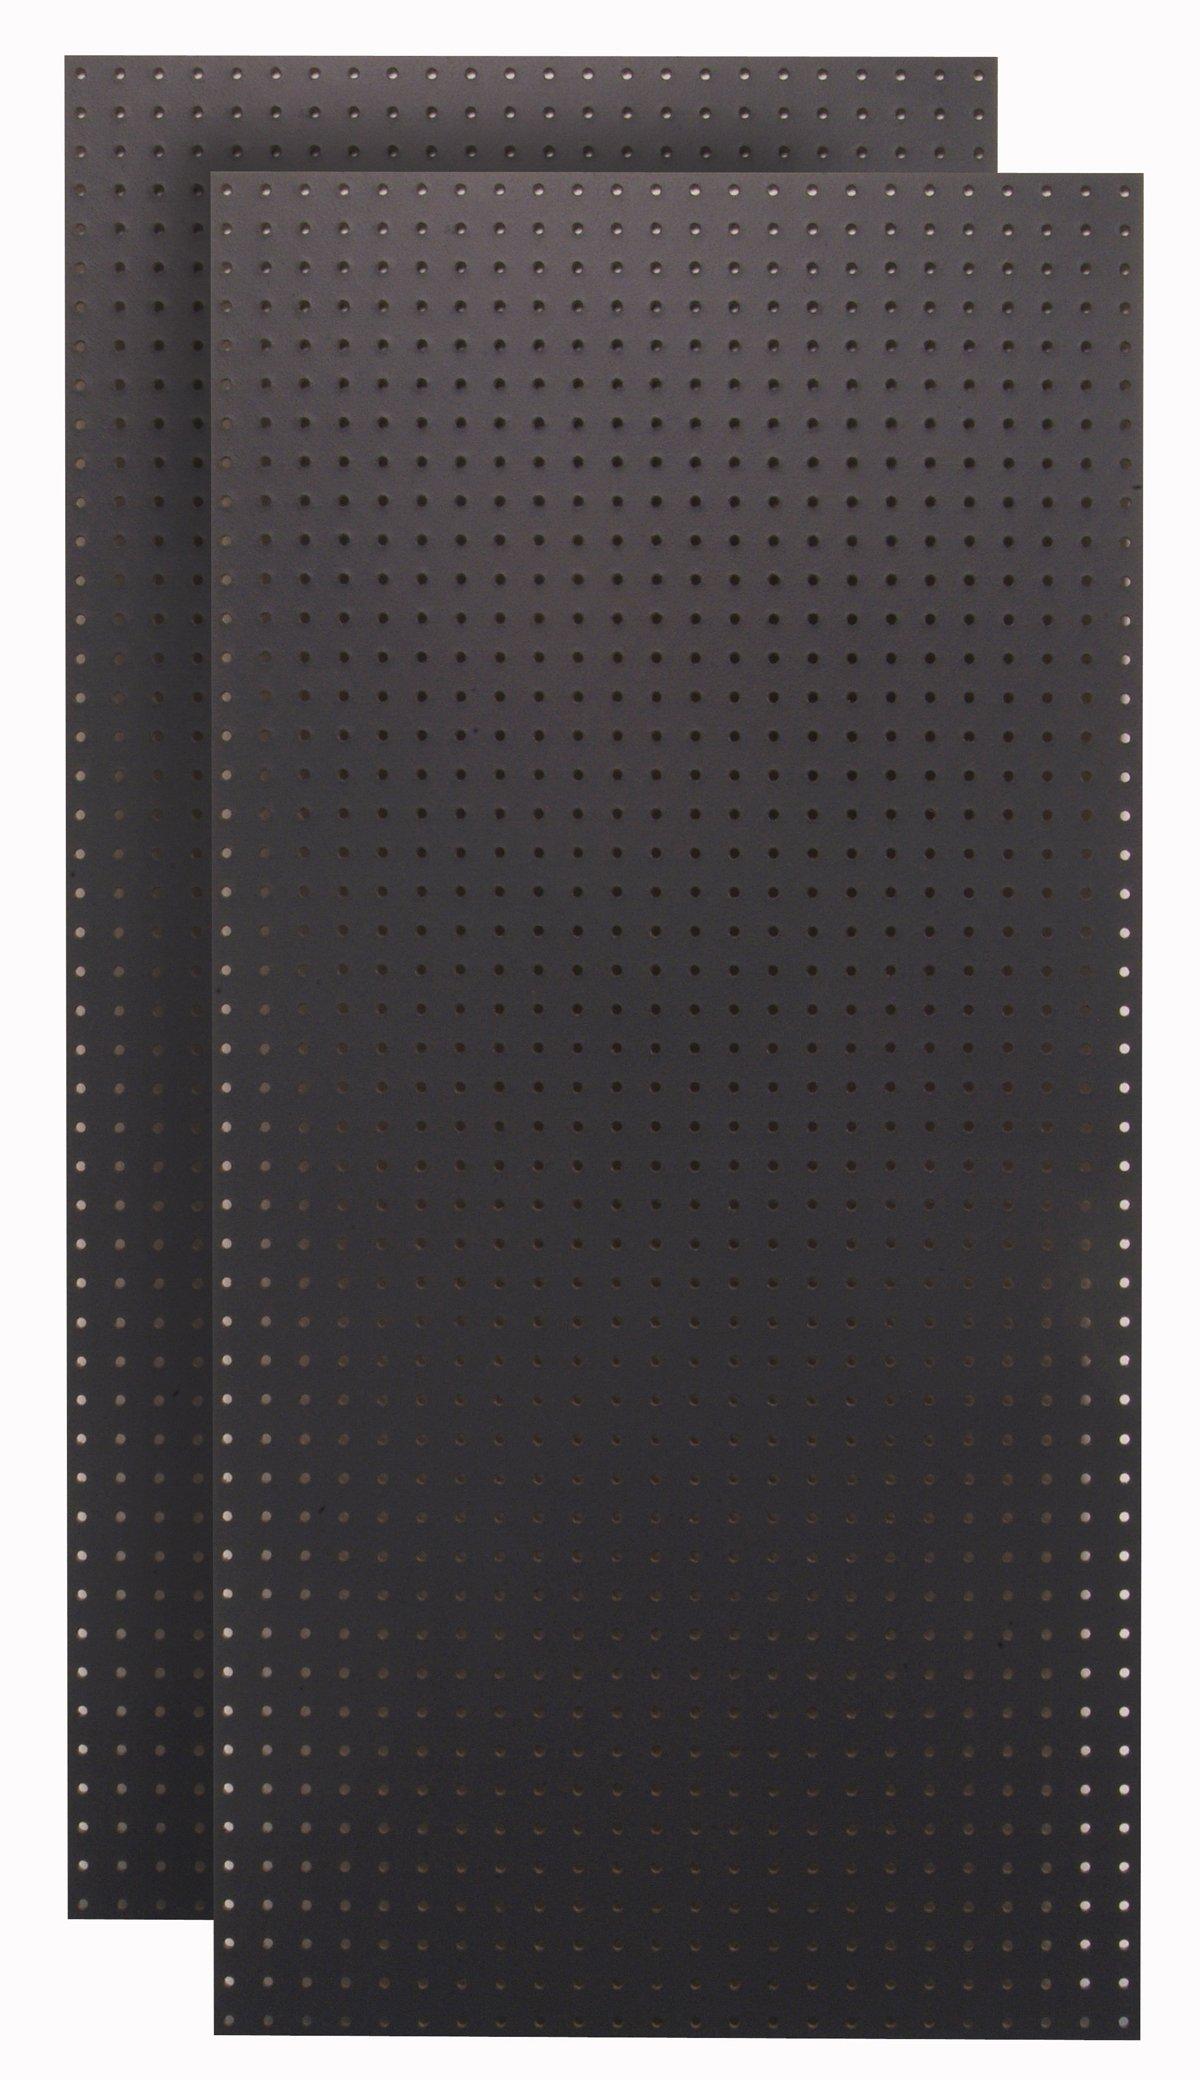 Triton 2 HDB-2 Black Hdf Pegboards by Triton 2